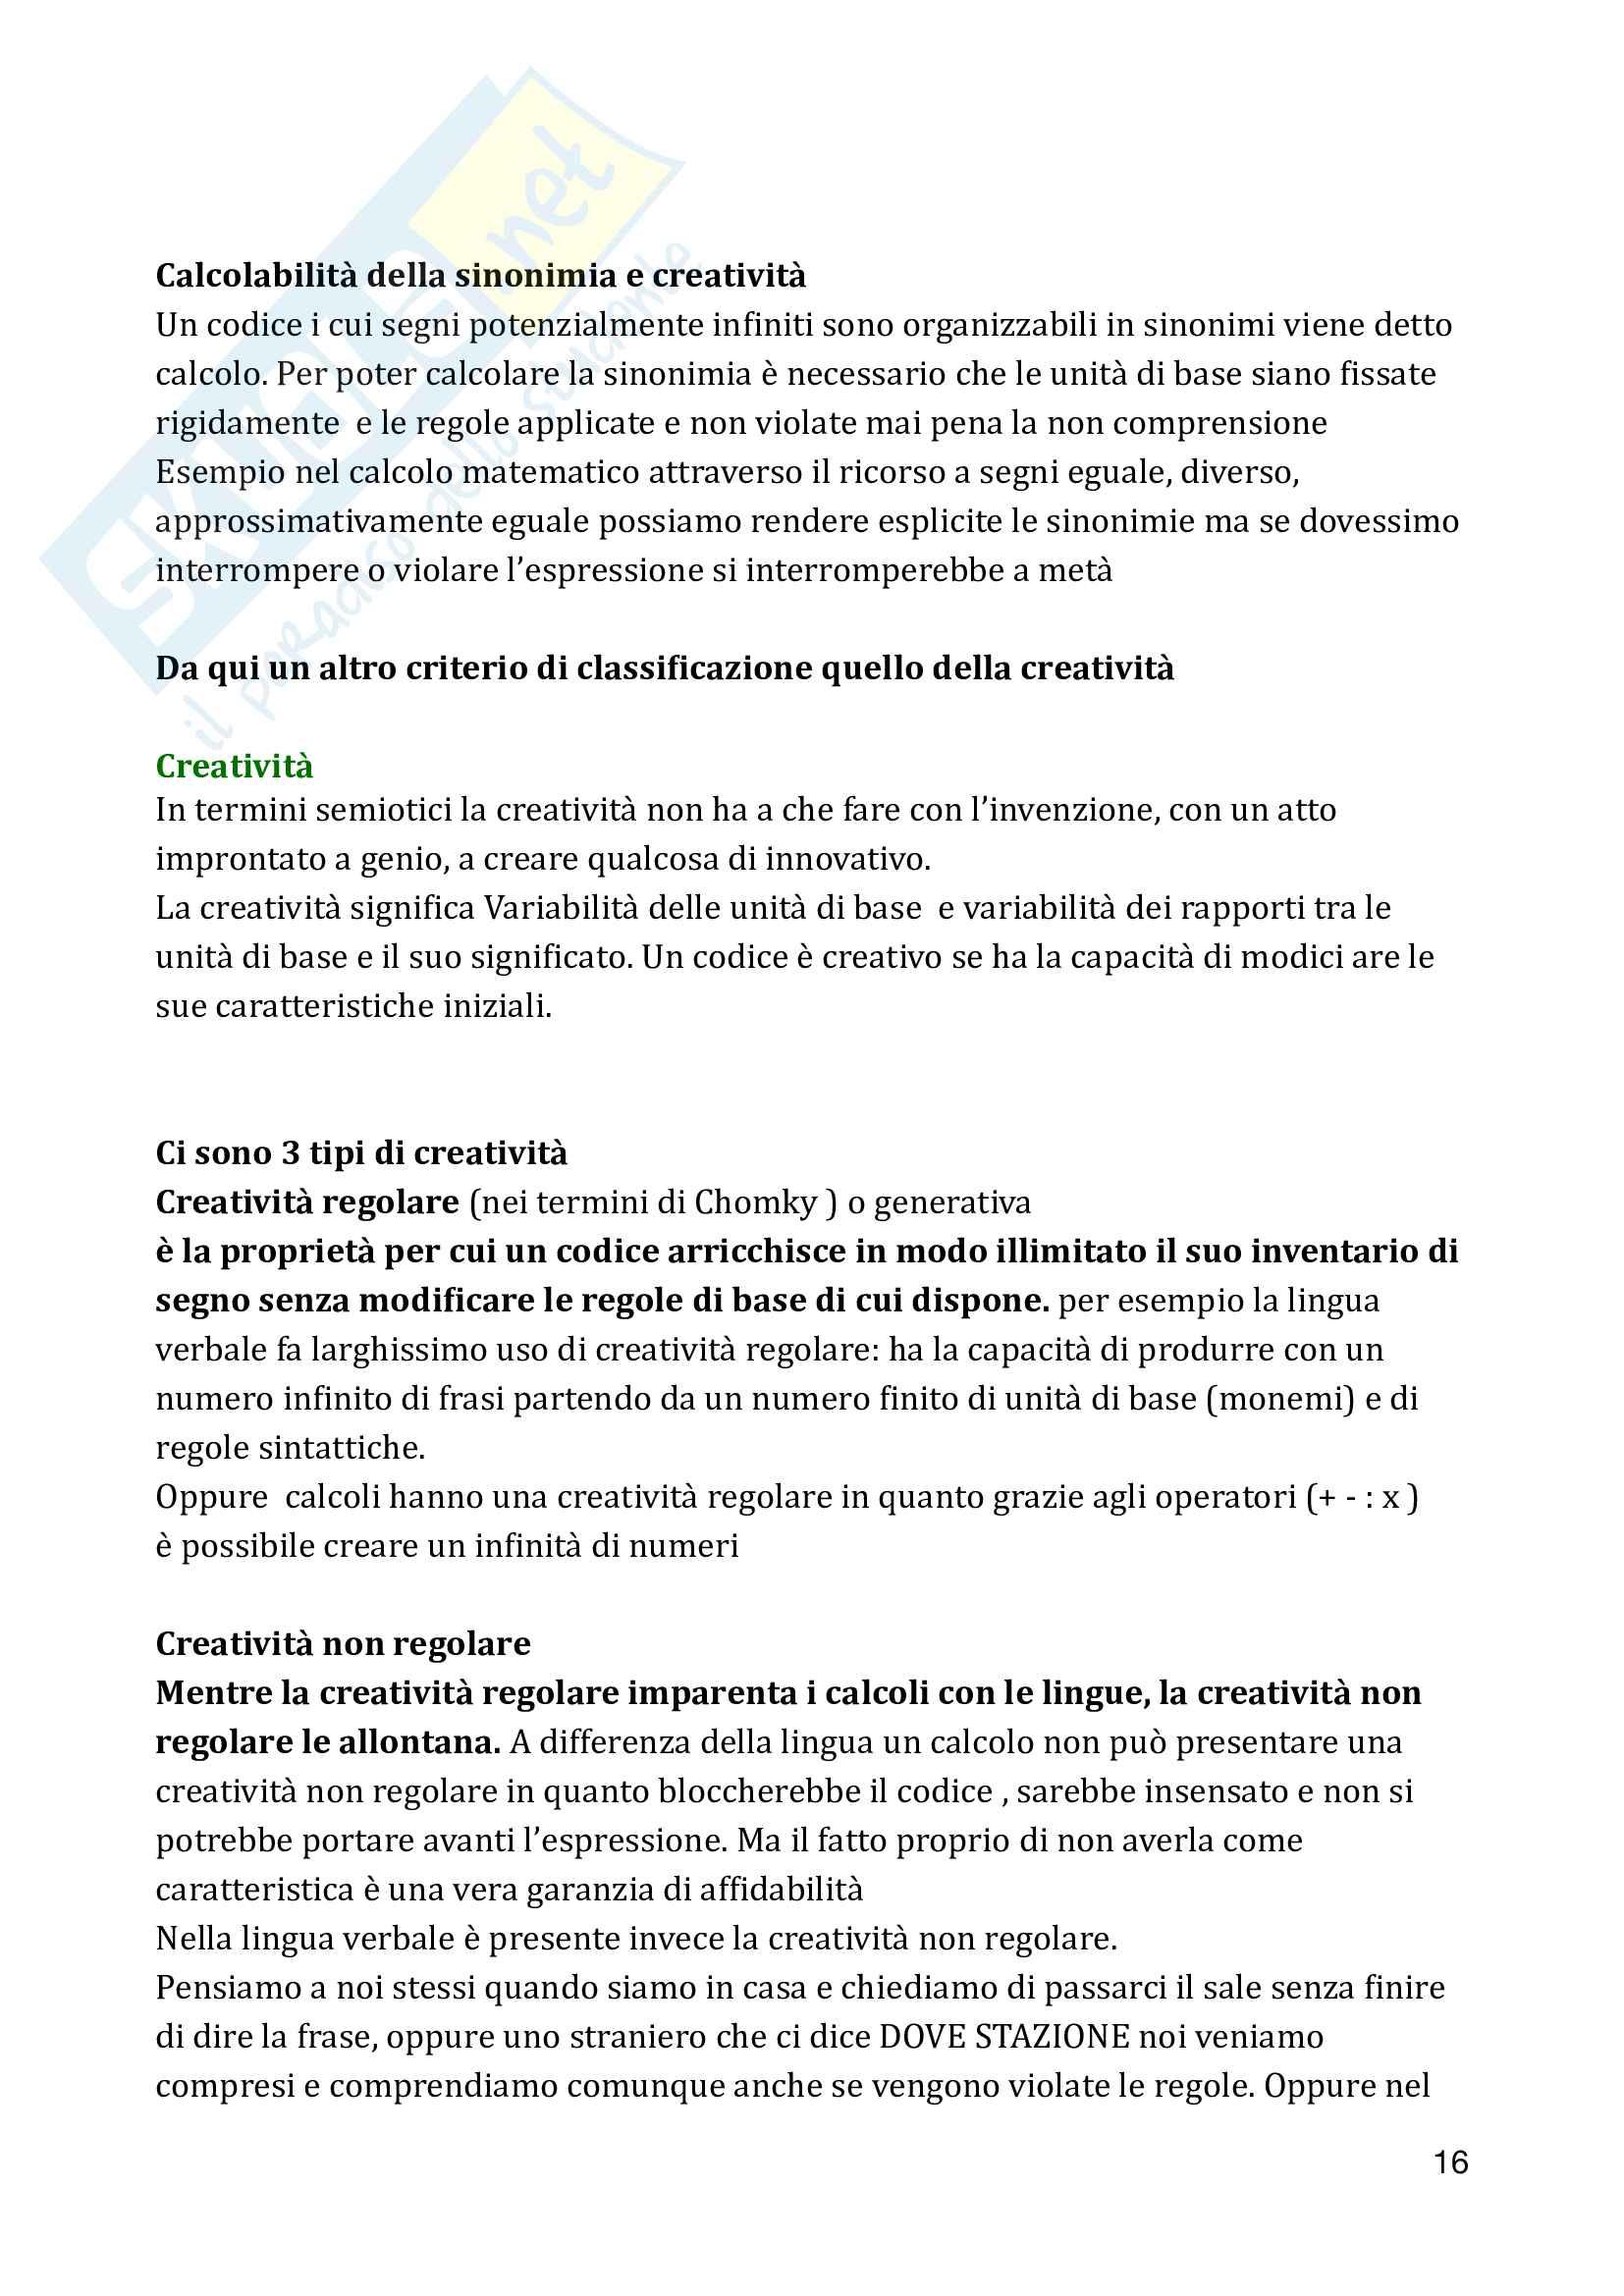 Appunti semiotica E. Marinoni Pag. 16